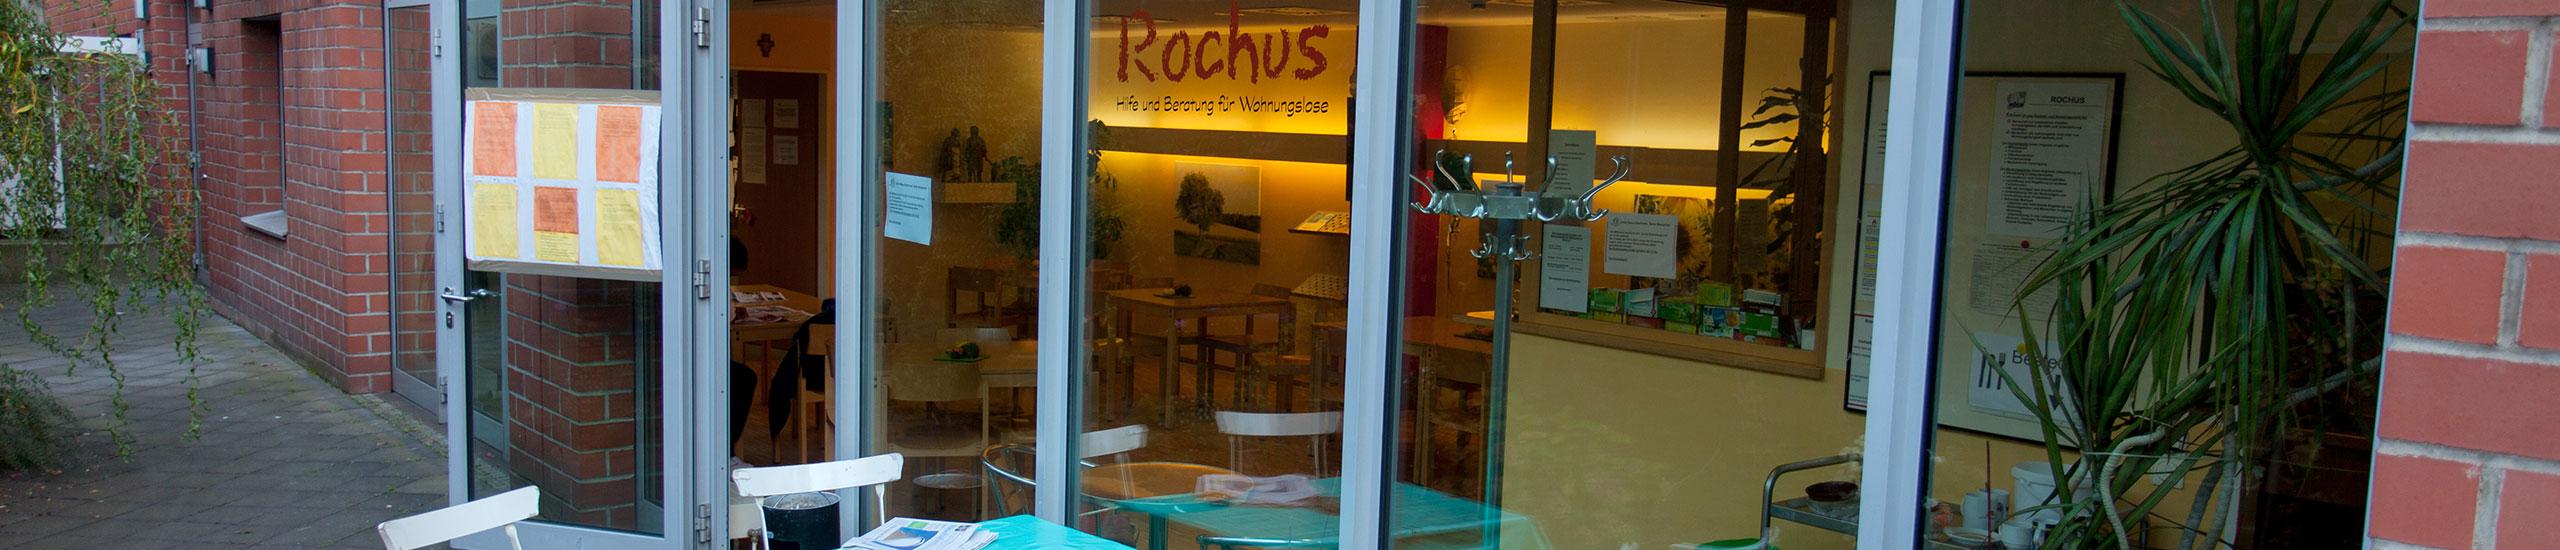 Beratungsstelle für Wohnungslose Rochus